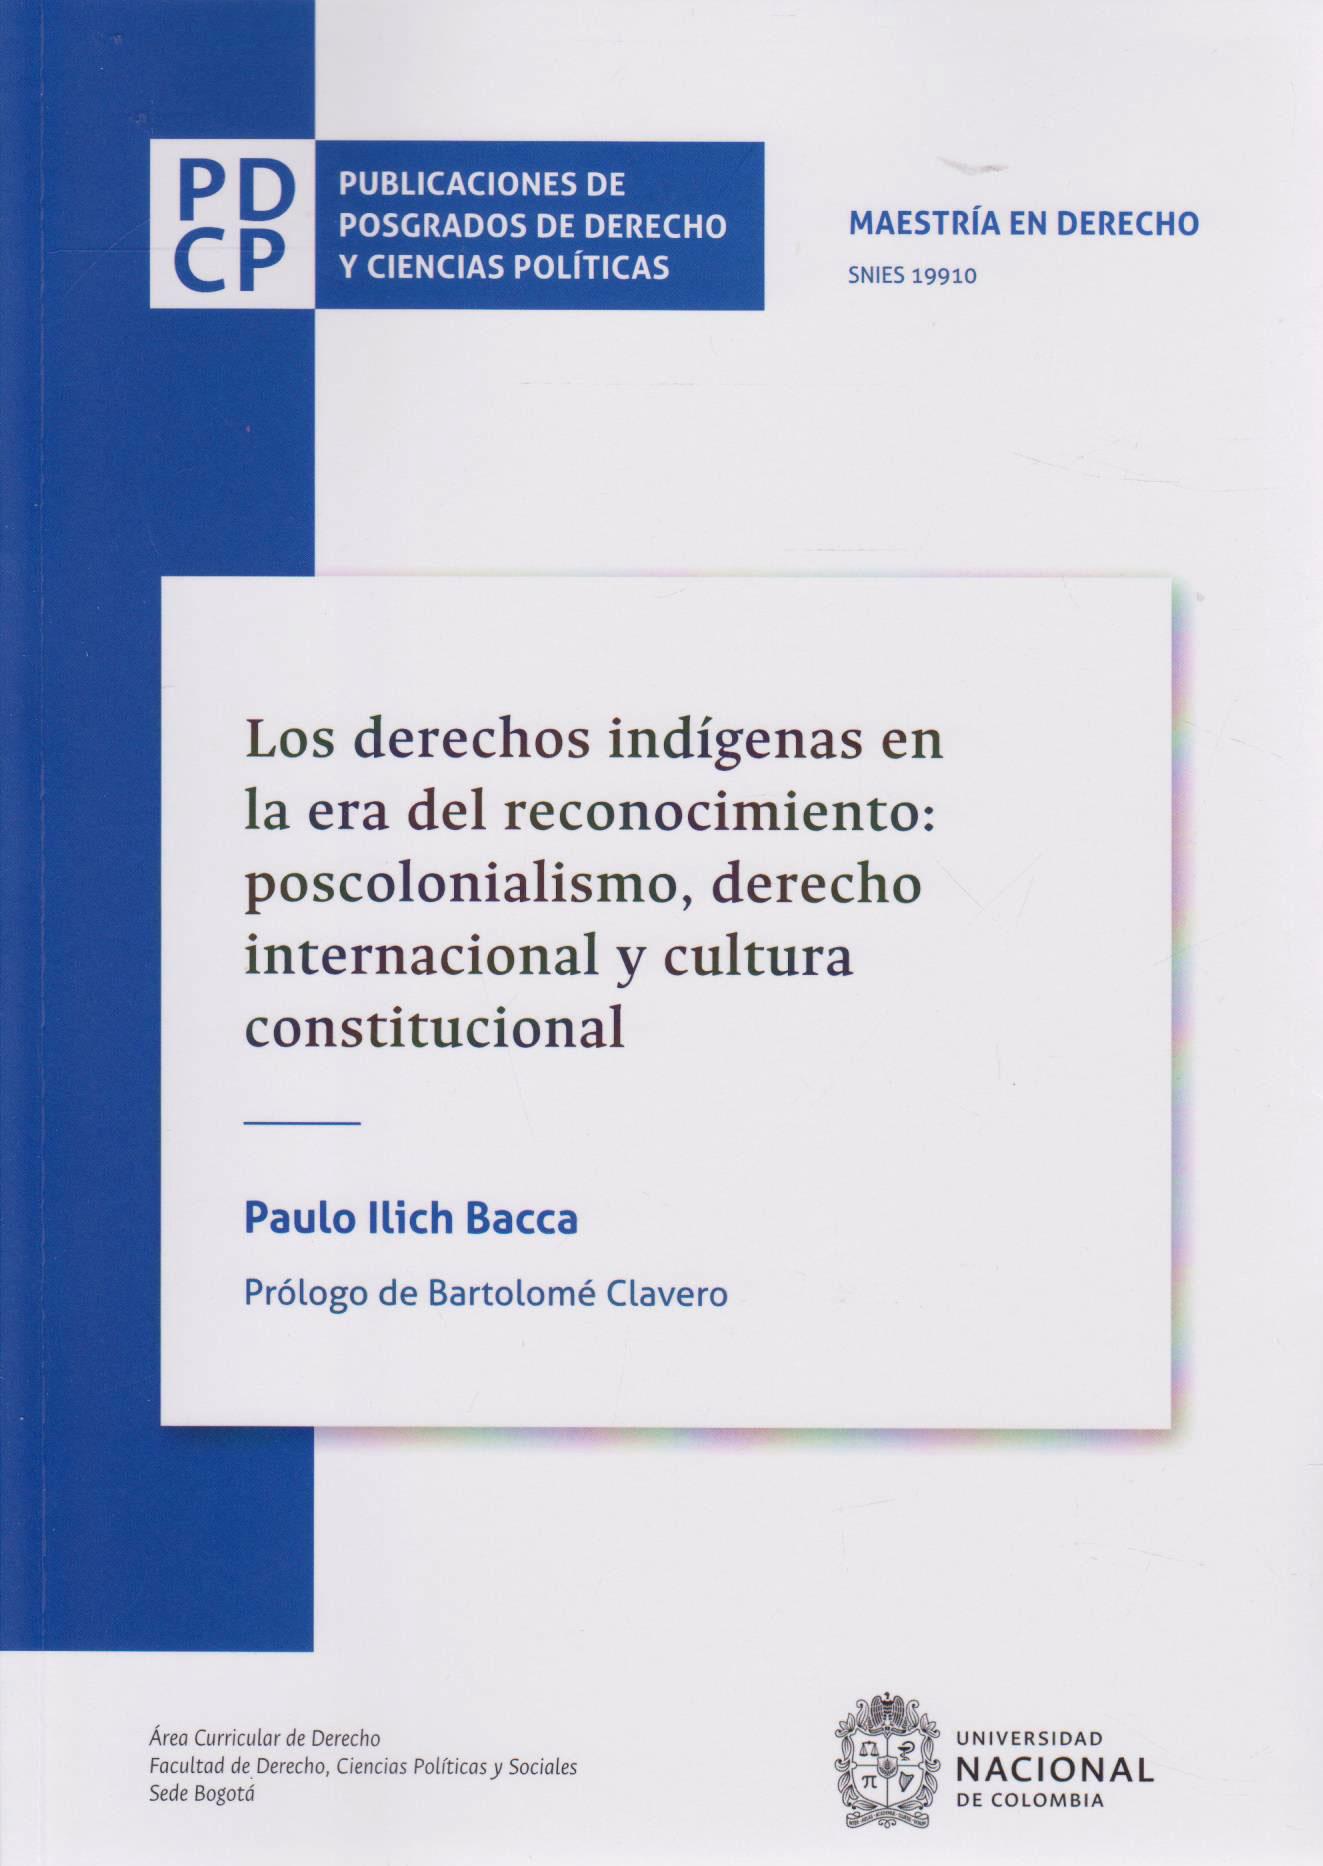 Los Derechos indígenas en la Era del Reconocimiento: Poscolonialismo, Derecho Internacional y Cultura Constitucional. MAESTRÍA EN DERECHO. PUBLICACIONES DE POSGRADO DE DERECHO Y CIENCIAS POLÍTICAS.